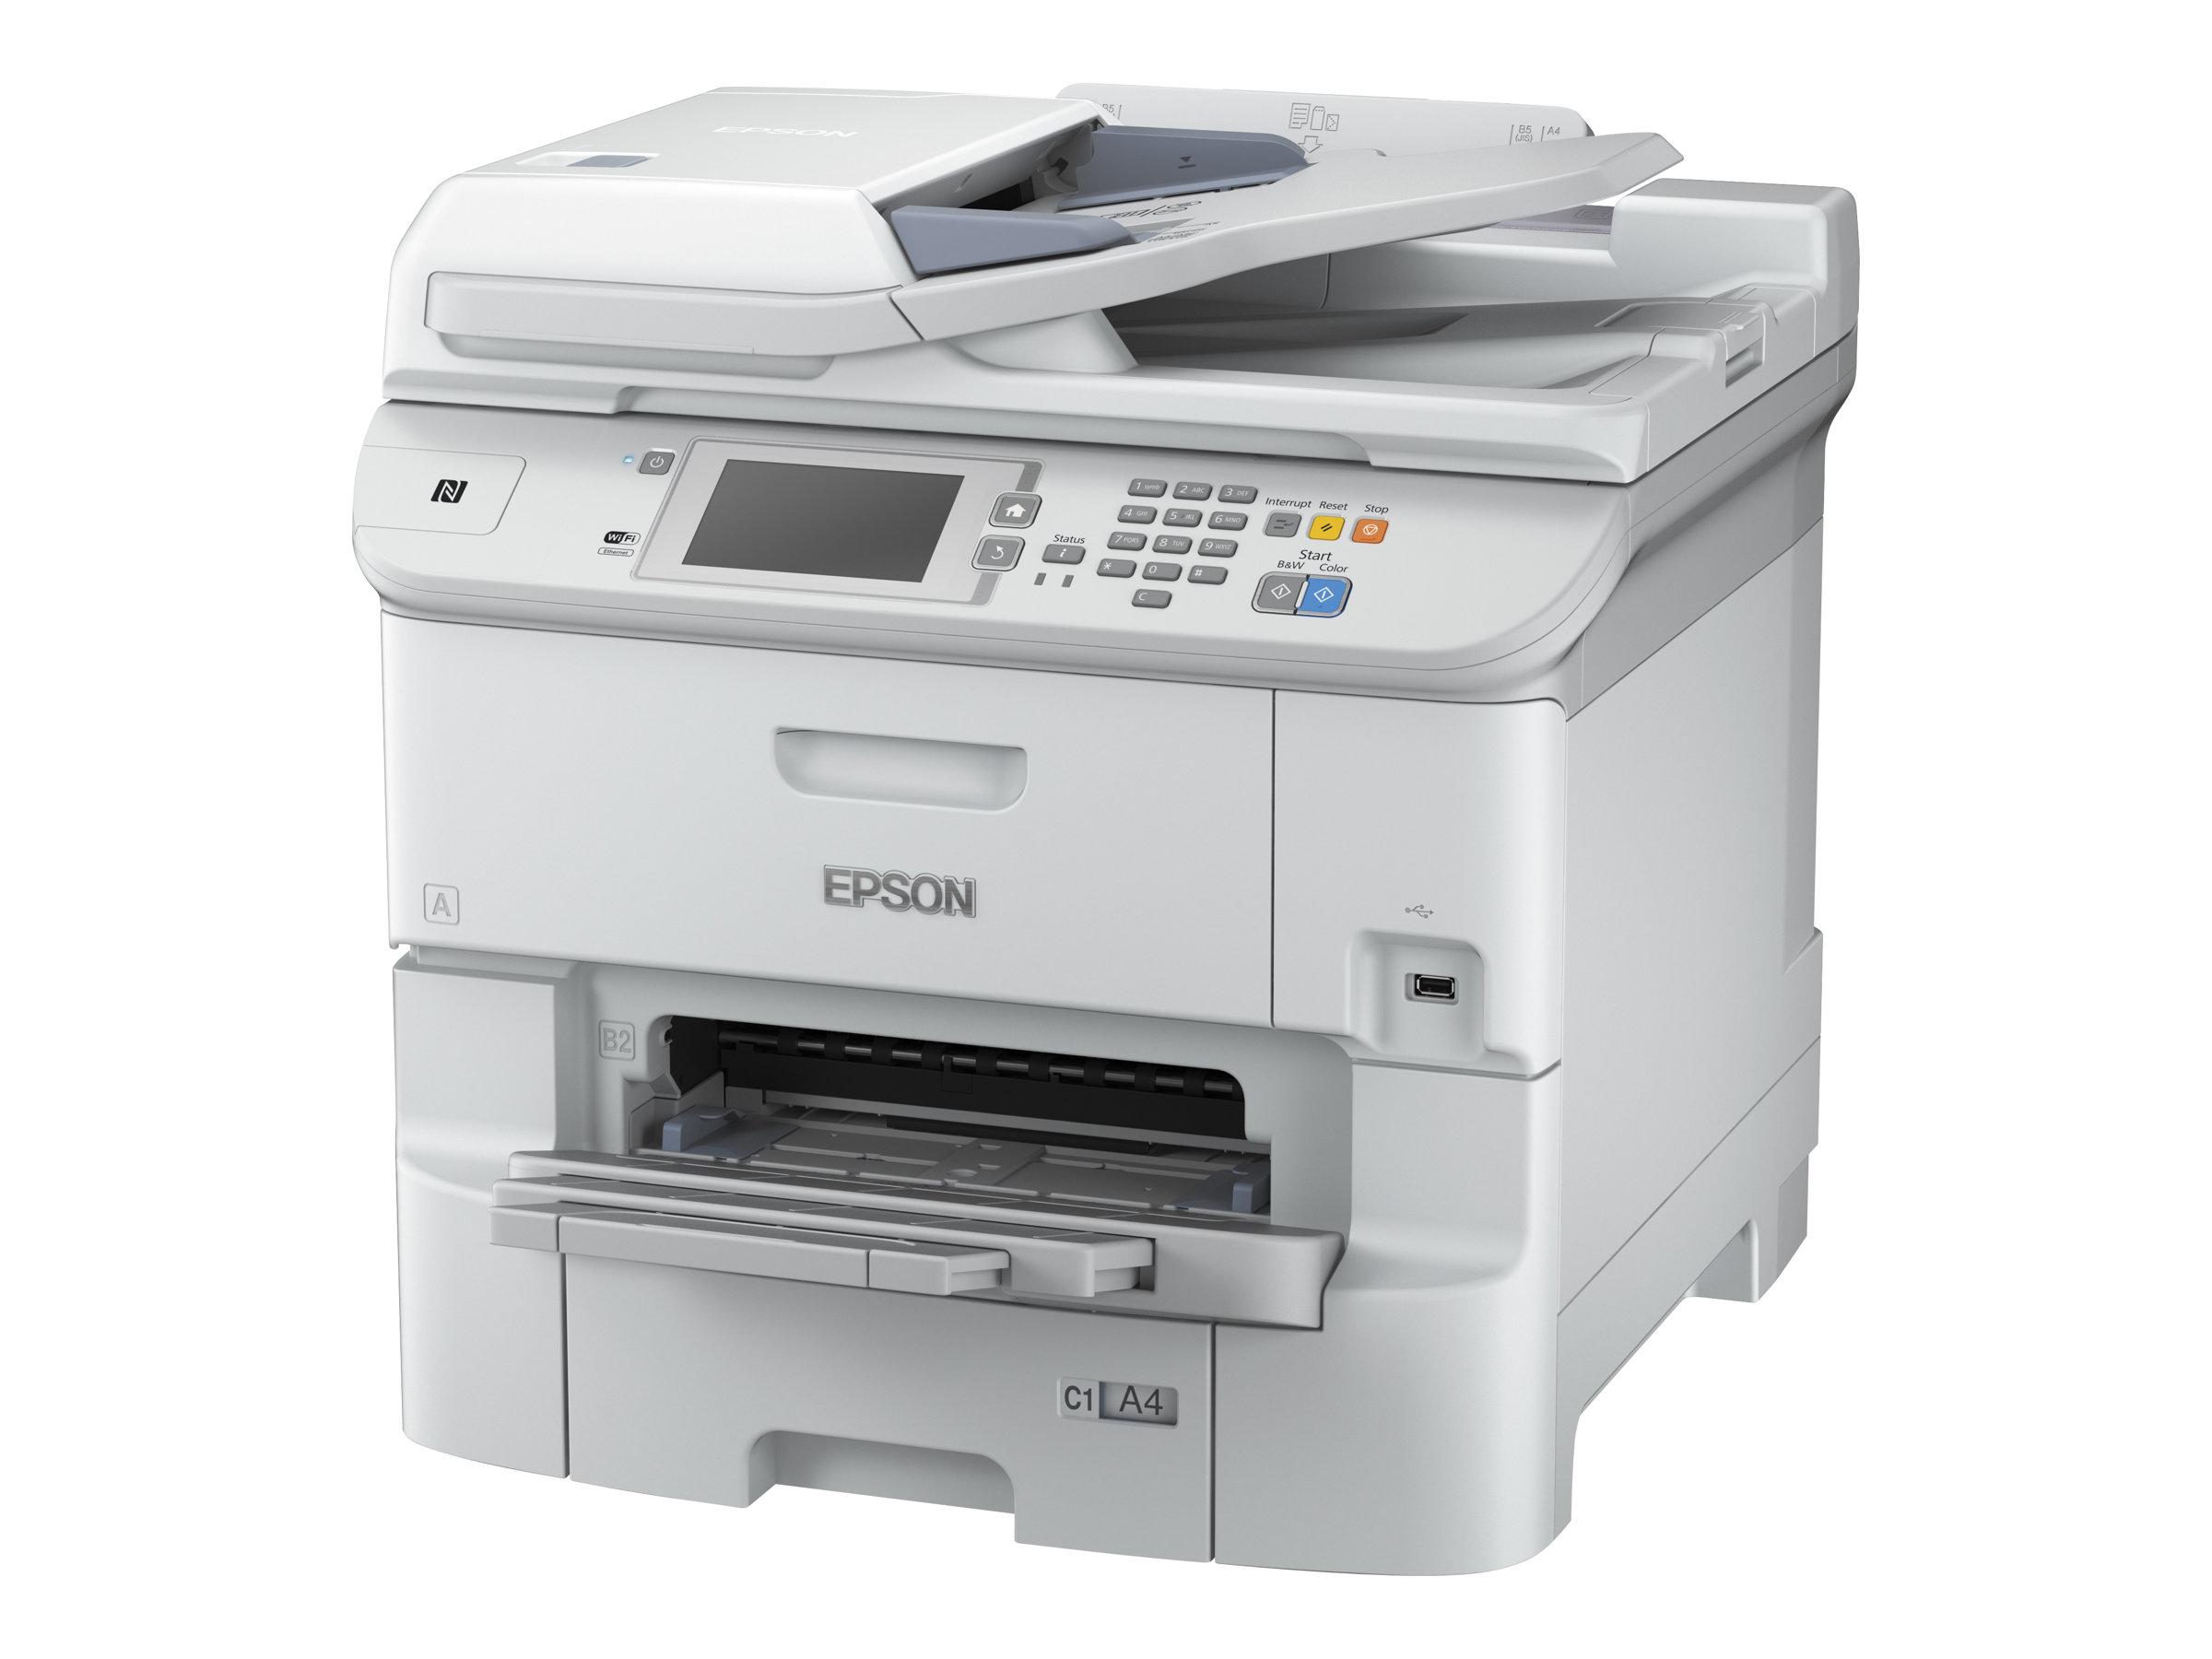 Epson WorkForce Pro WF-6590DWF - imprimante multifonctions jet d'encre couleur A4 - Wifi, USB, NFC - recto-verso